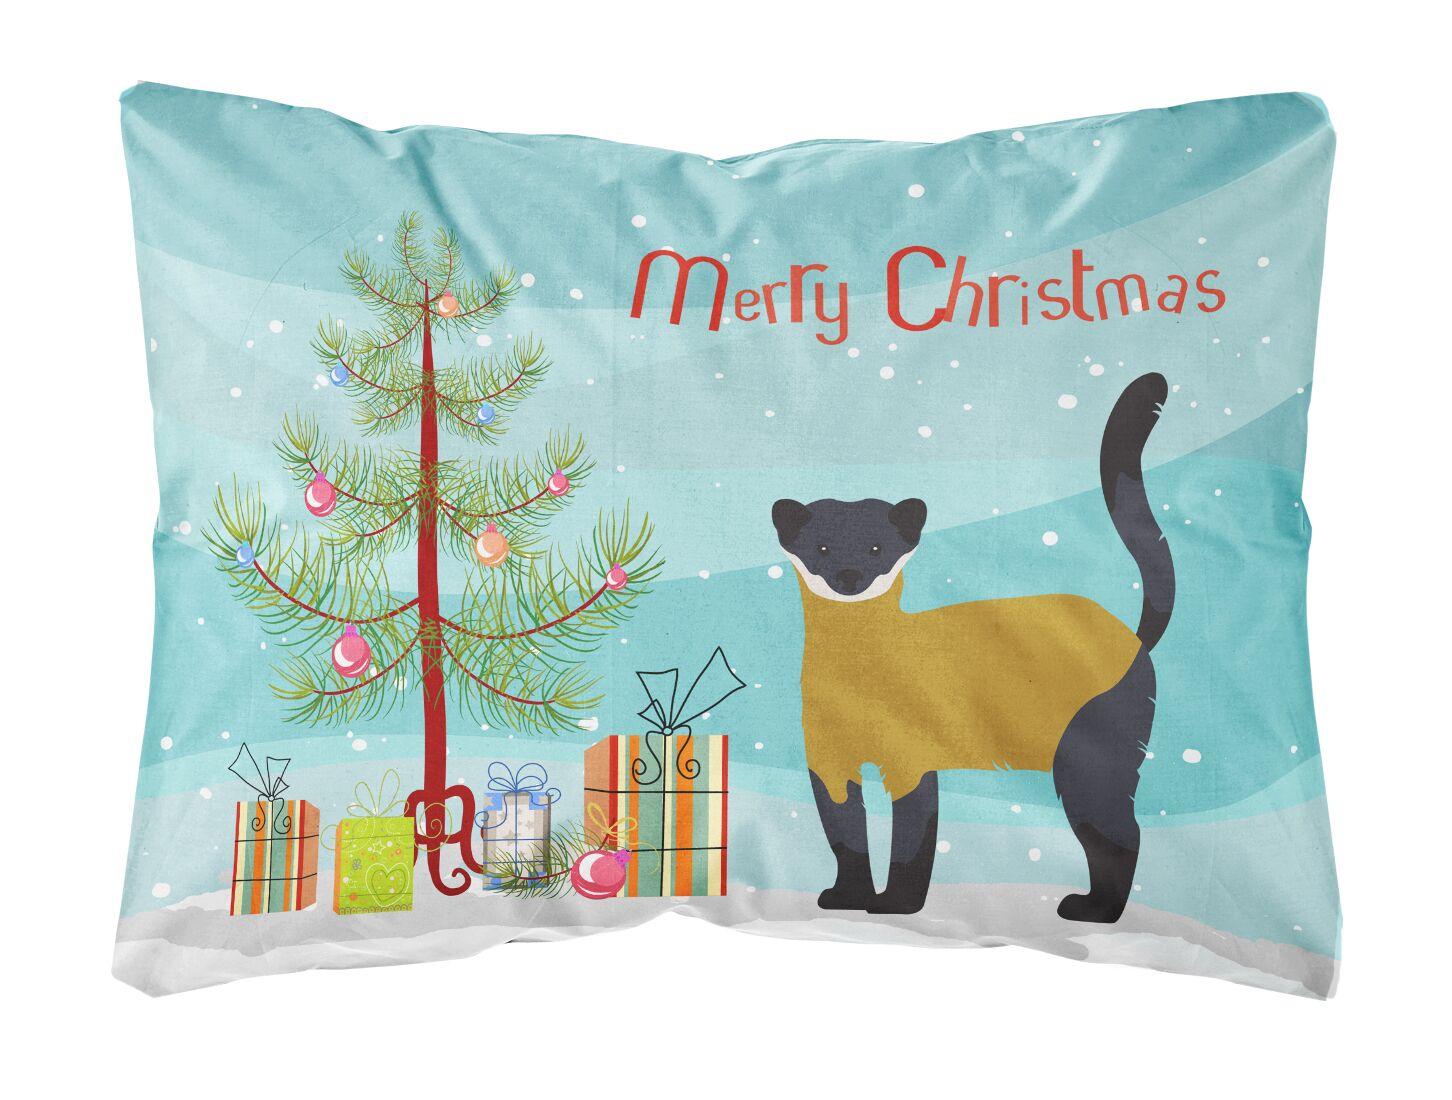 Dunshee Throated Marten Christmas Indoor/Outdoor Throw Pillow